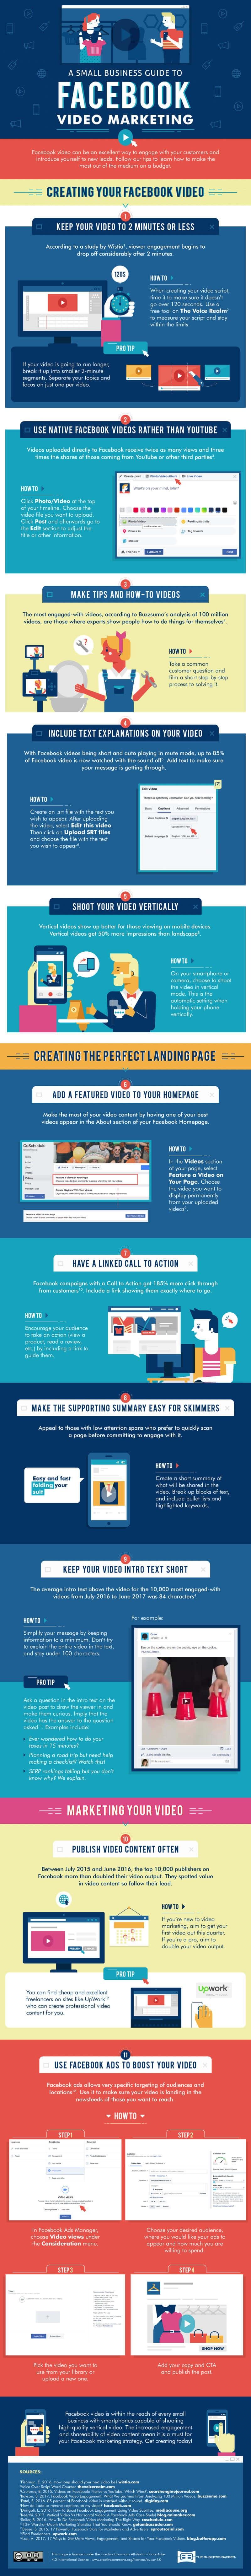 Guía básica de video marketing en Facebook para pequeños negocios